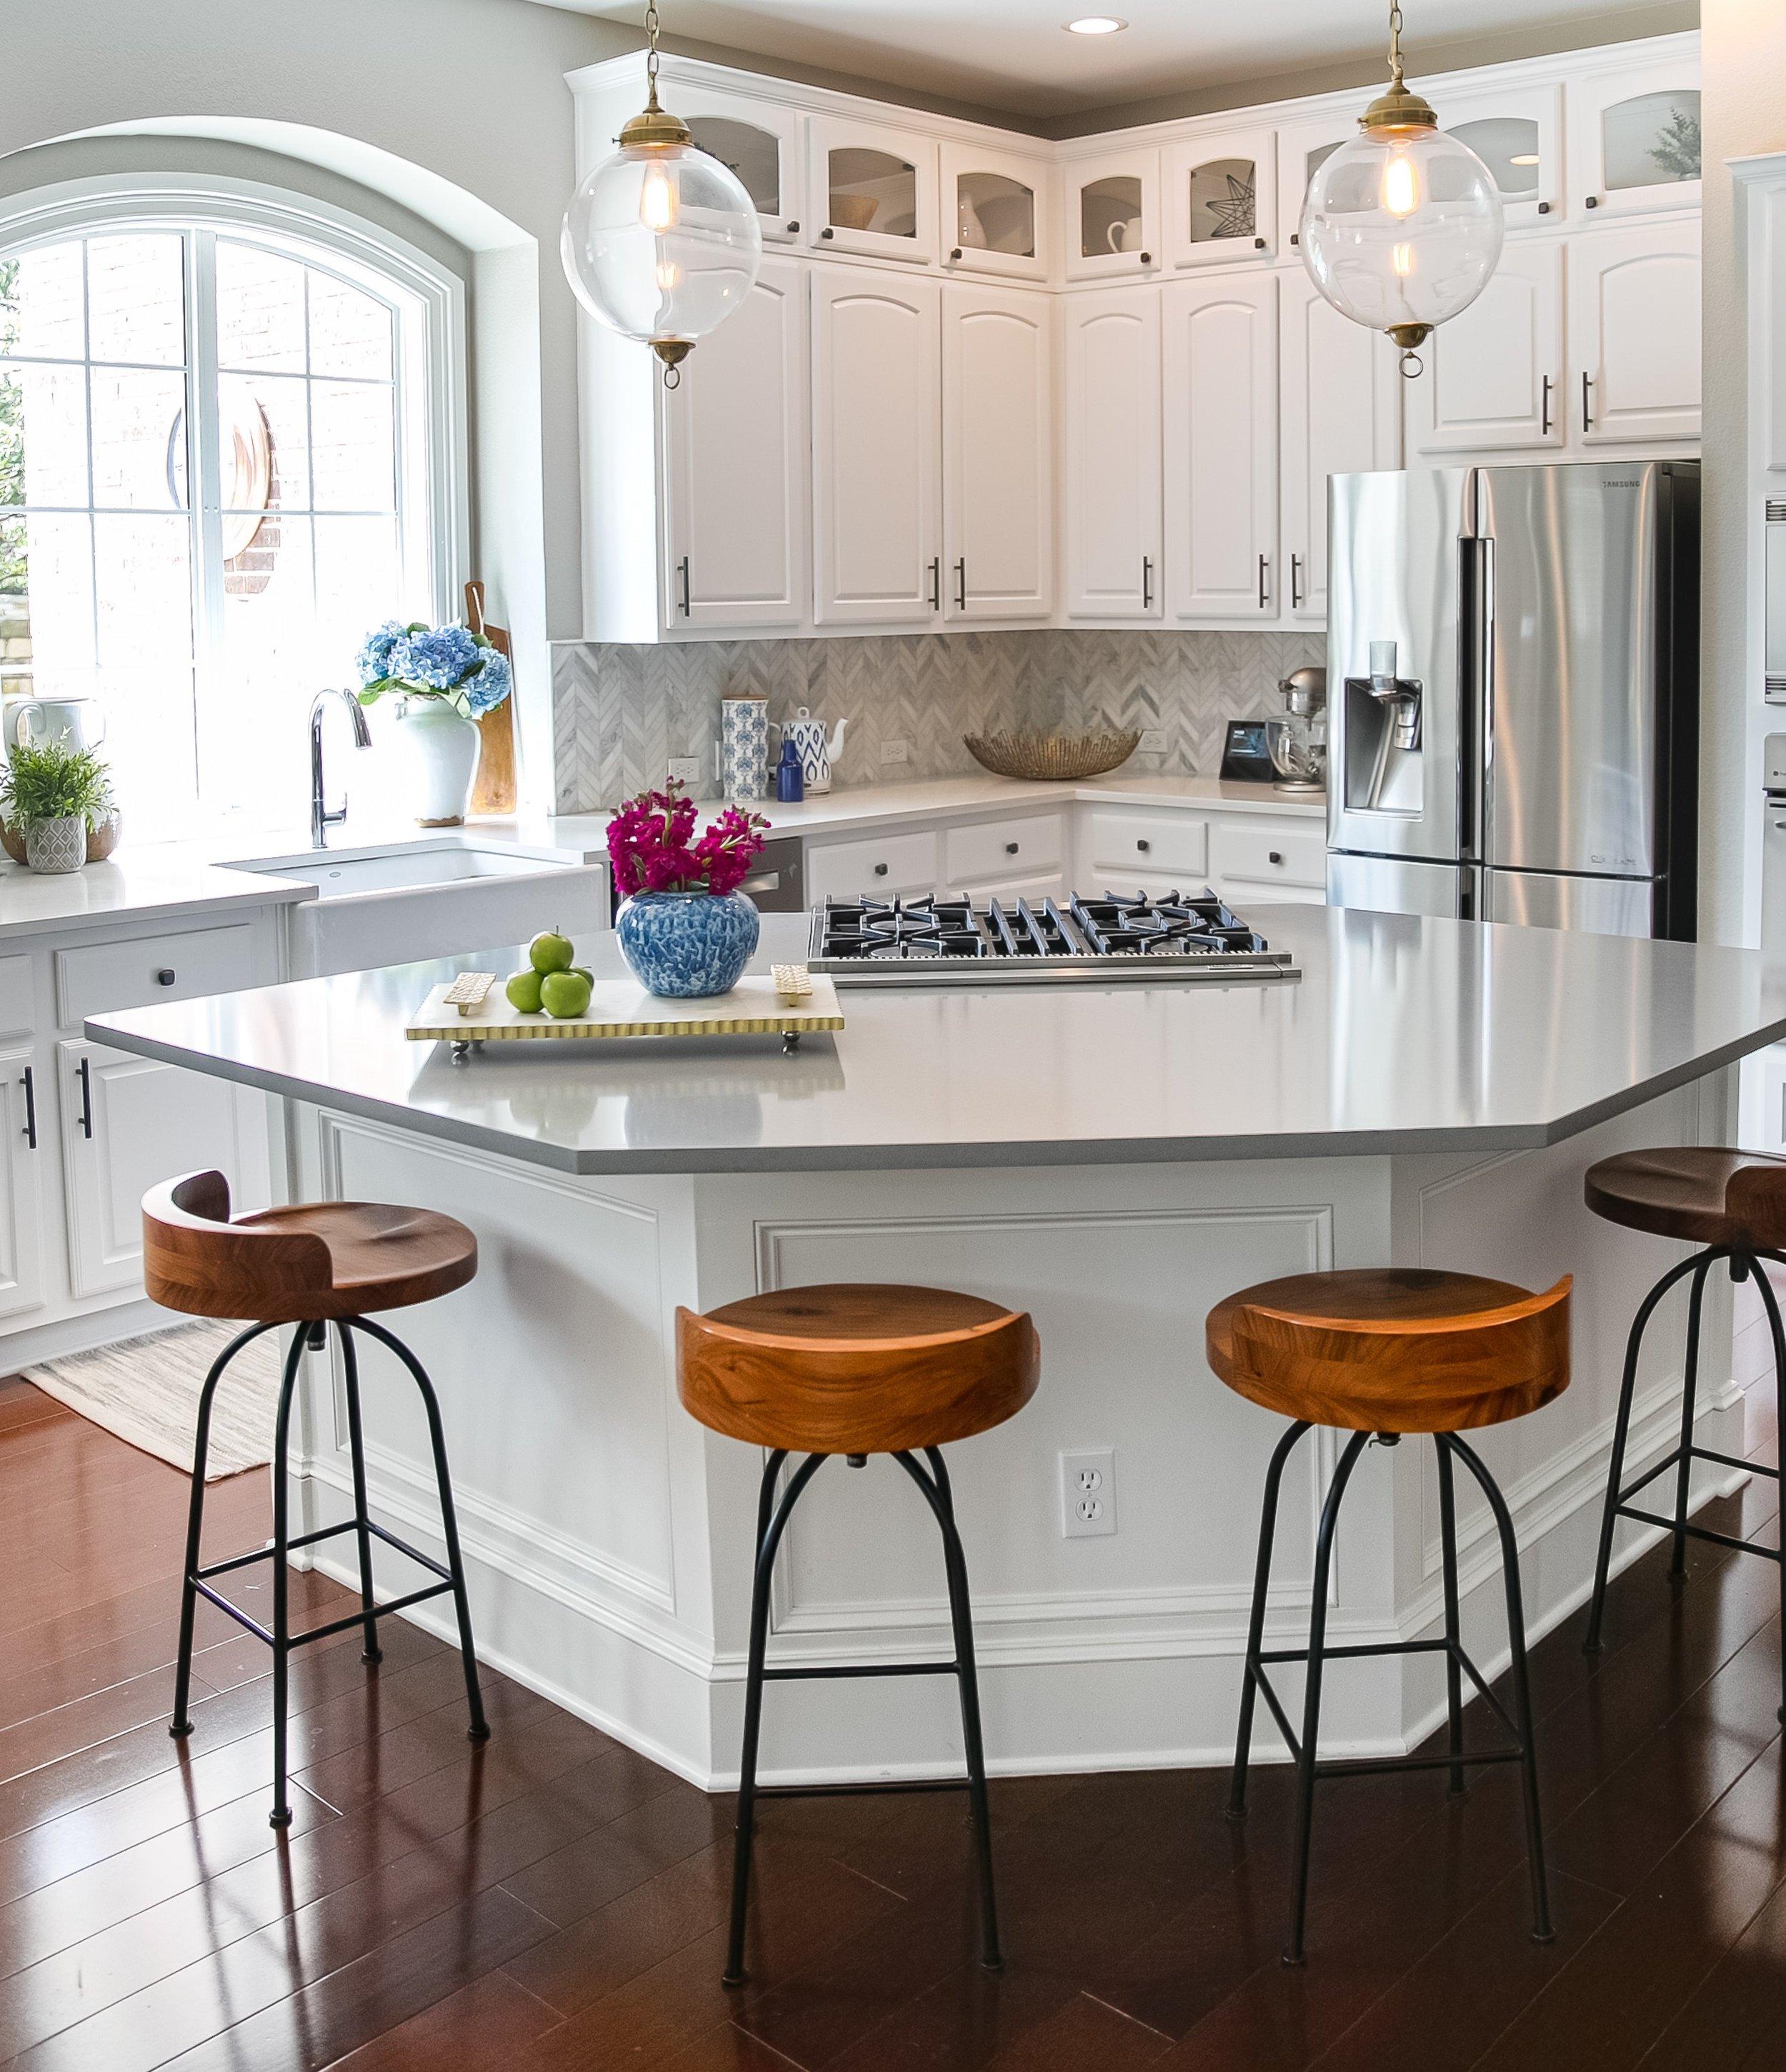 Escobar kitchen.jpg